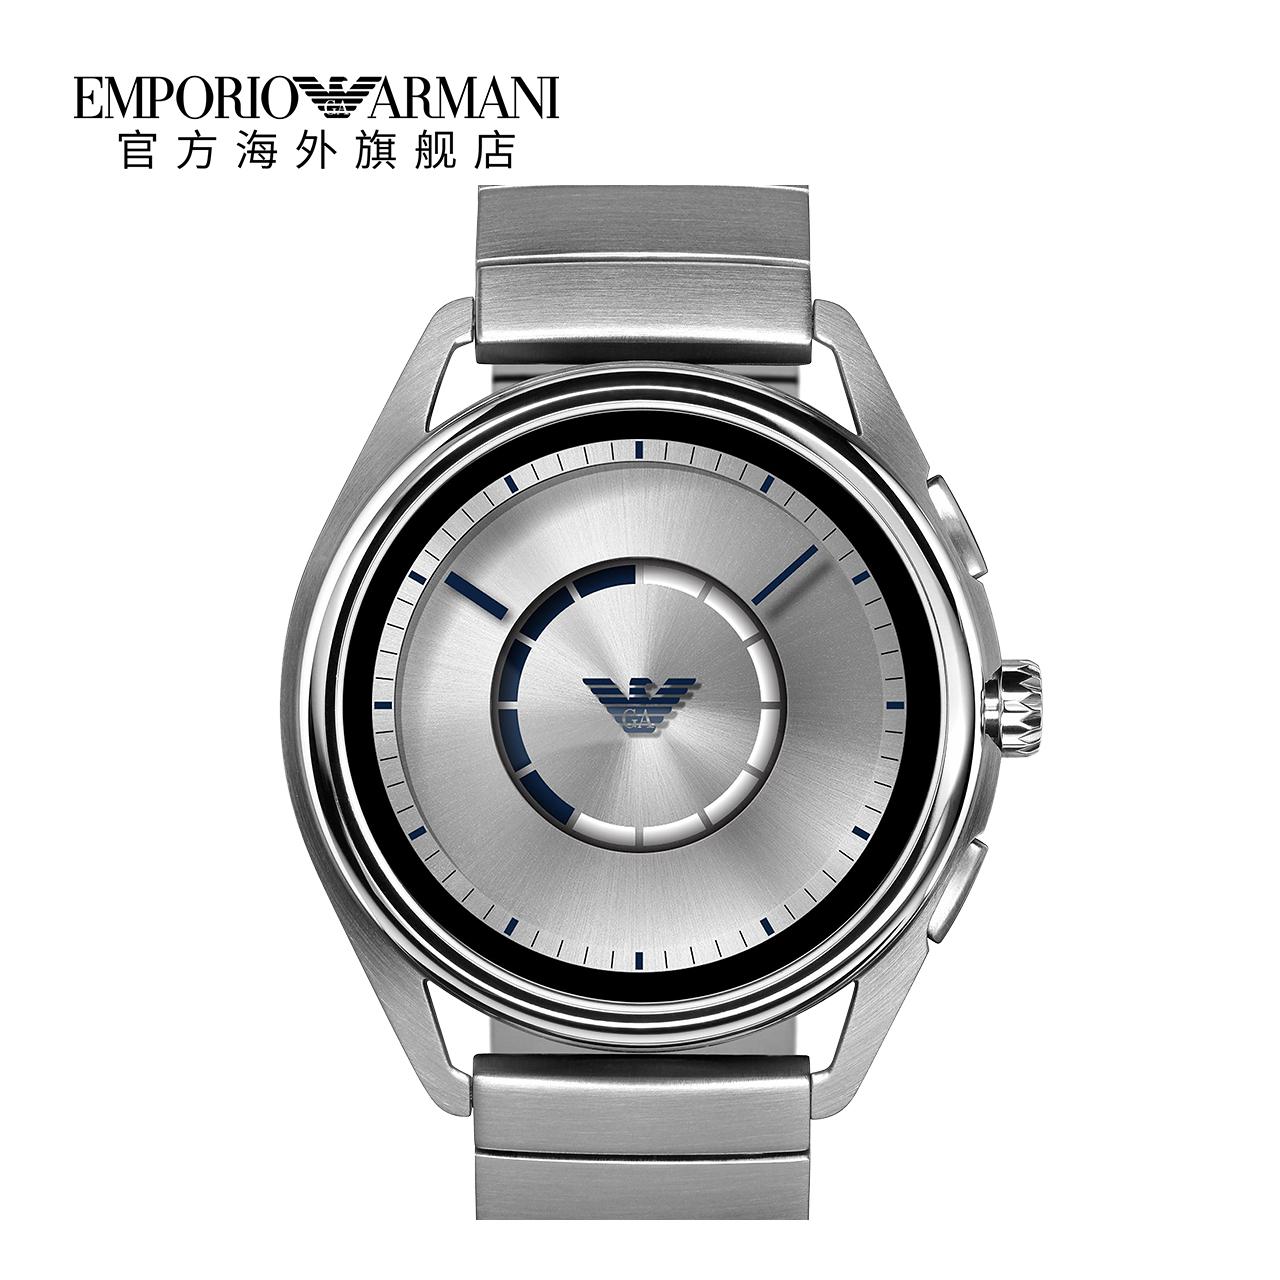 Armani阿玛尼正品个性时尚钢带电子表 大气简约智能手表男ART5006